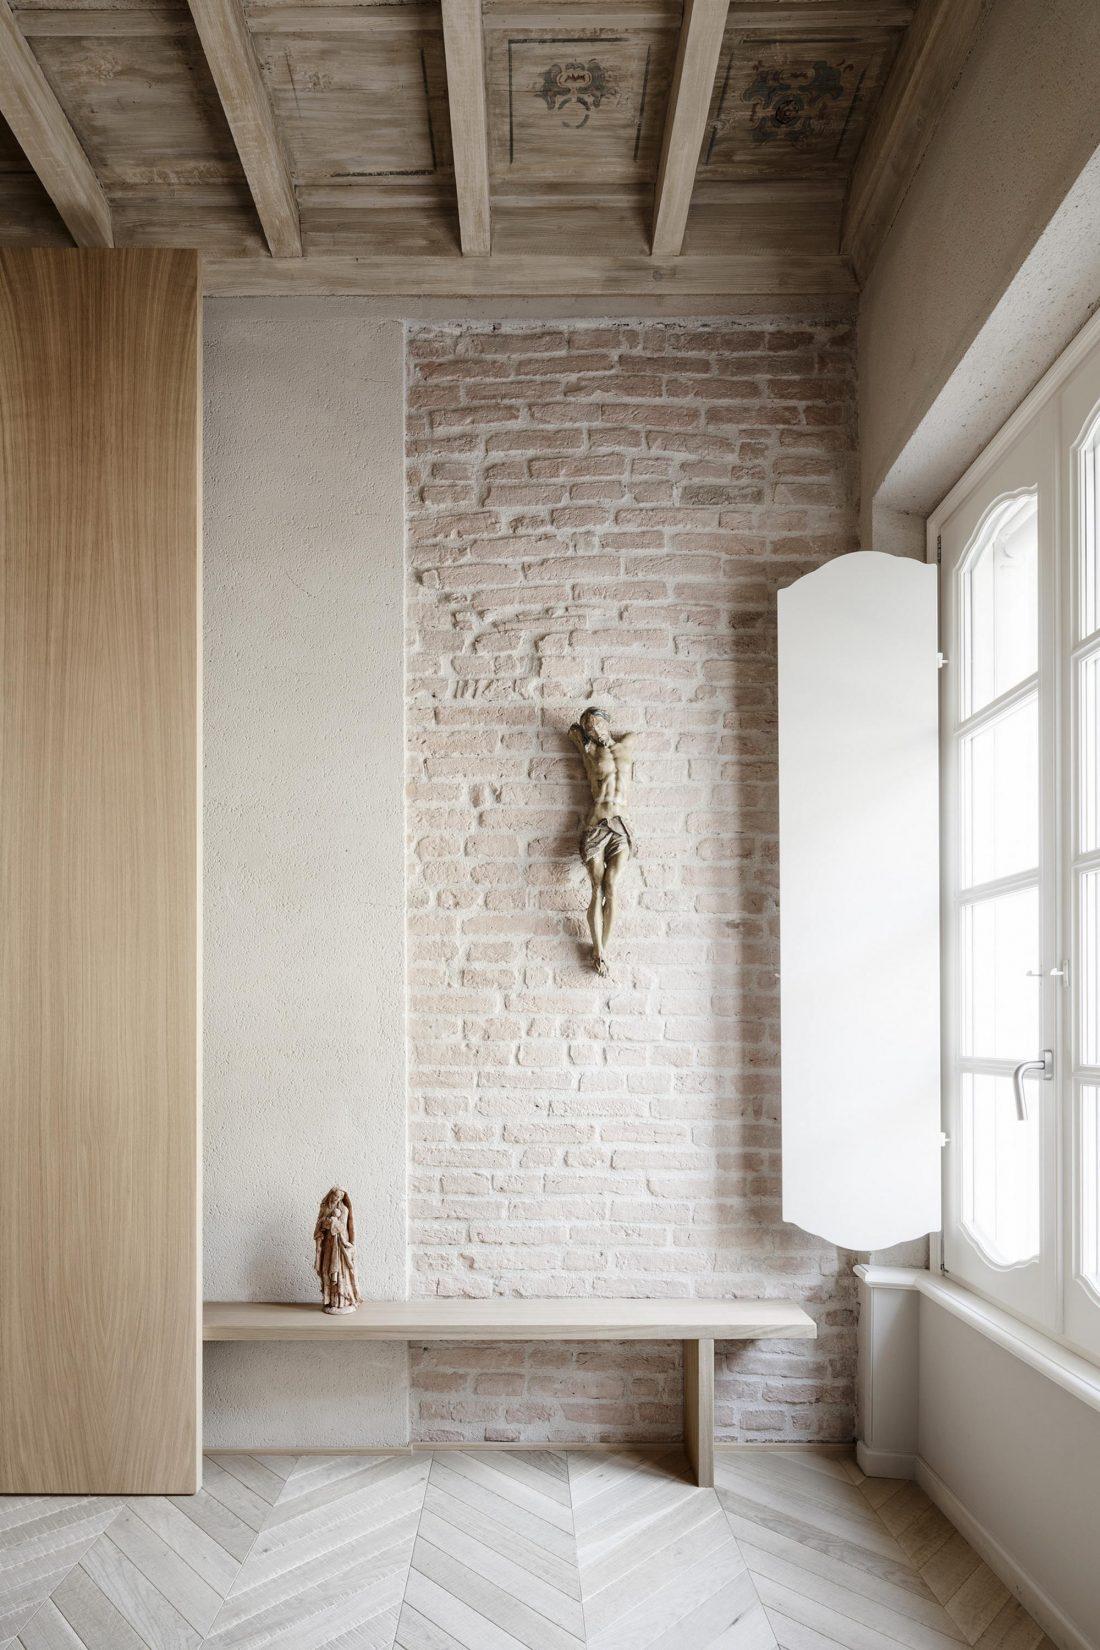 Интерьер квартиры в античном стиле в старинном доме в Италии 6